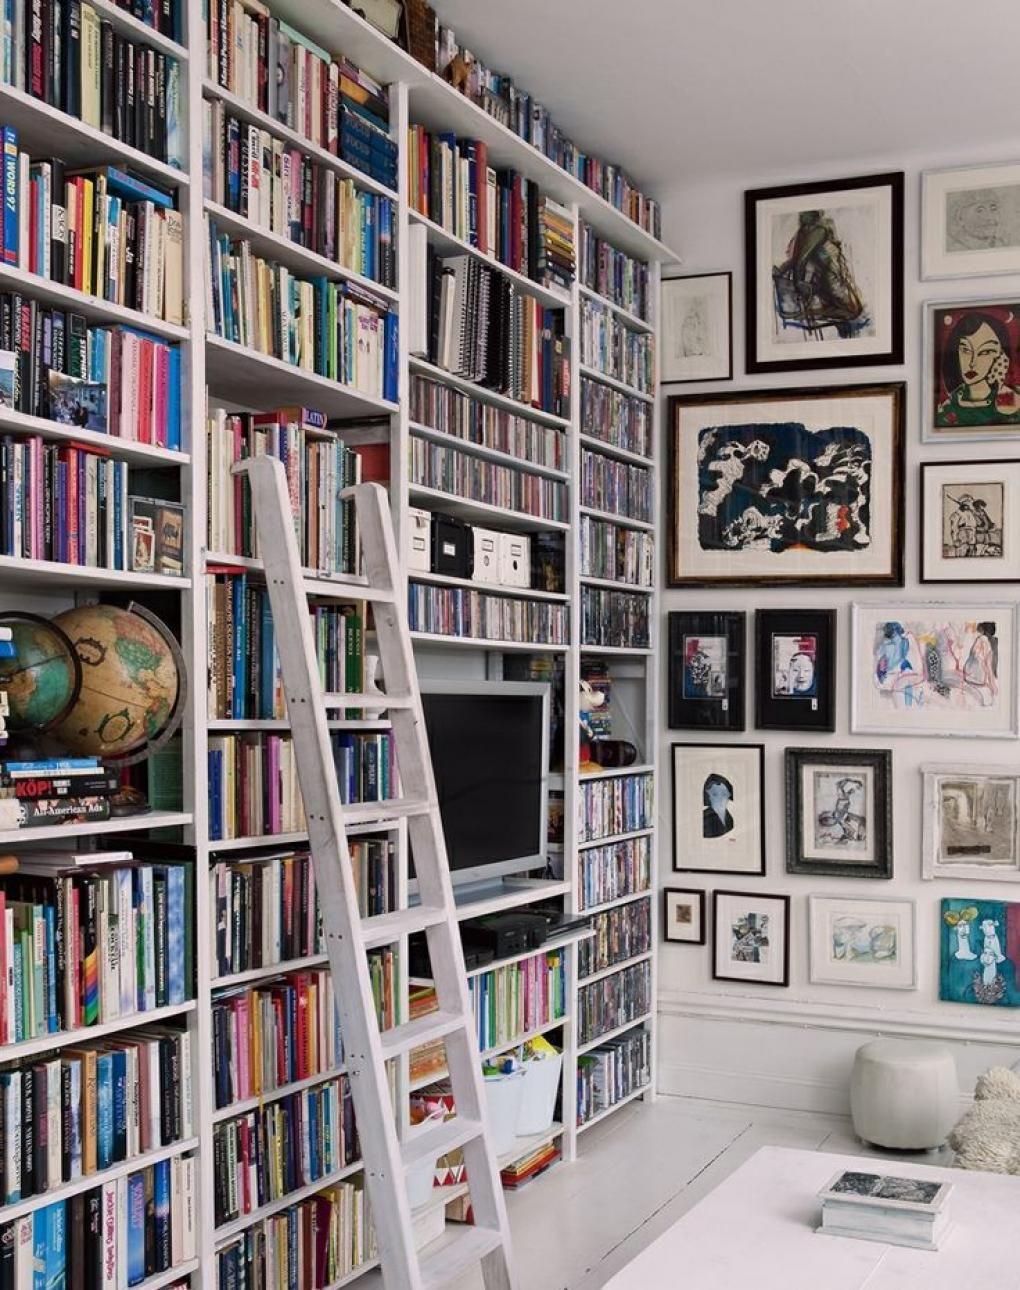 Bibliotheque Bibliotheque Murale Bibliotheque Sur Mesure  # Bibliotheque Murale